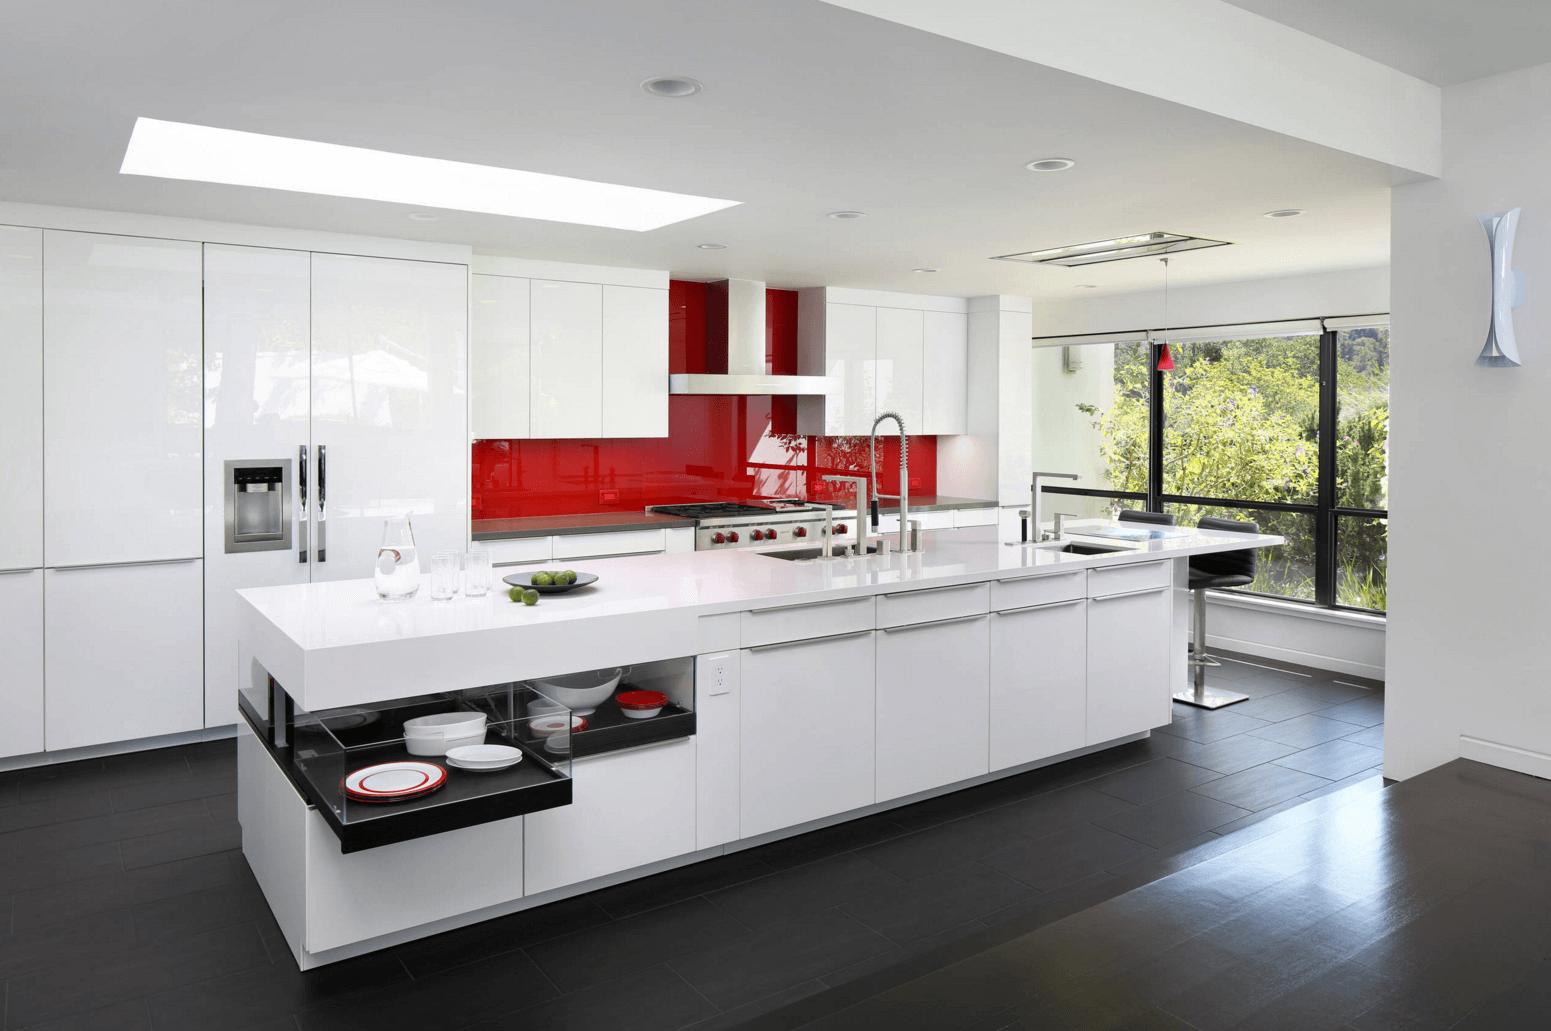 Идея дизайна фартука на кухню с глянцевой окраской - фото 2